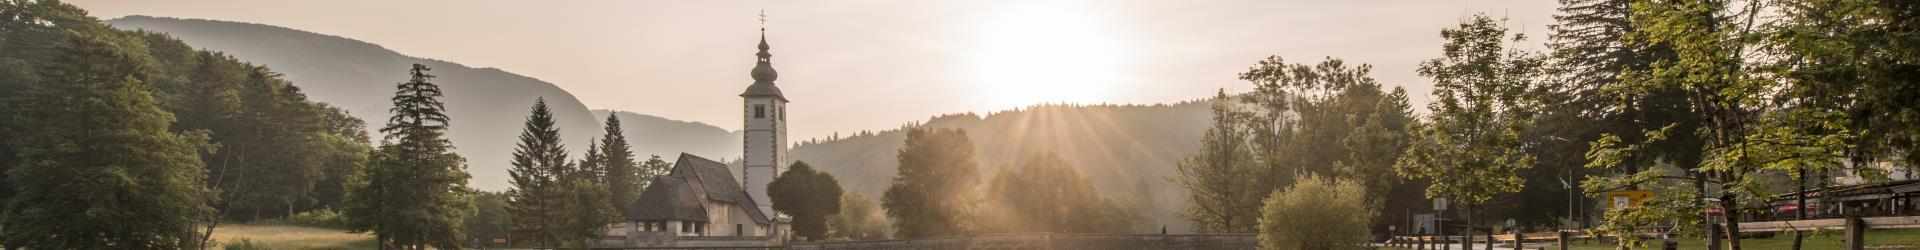 Zonsondergang-tijden